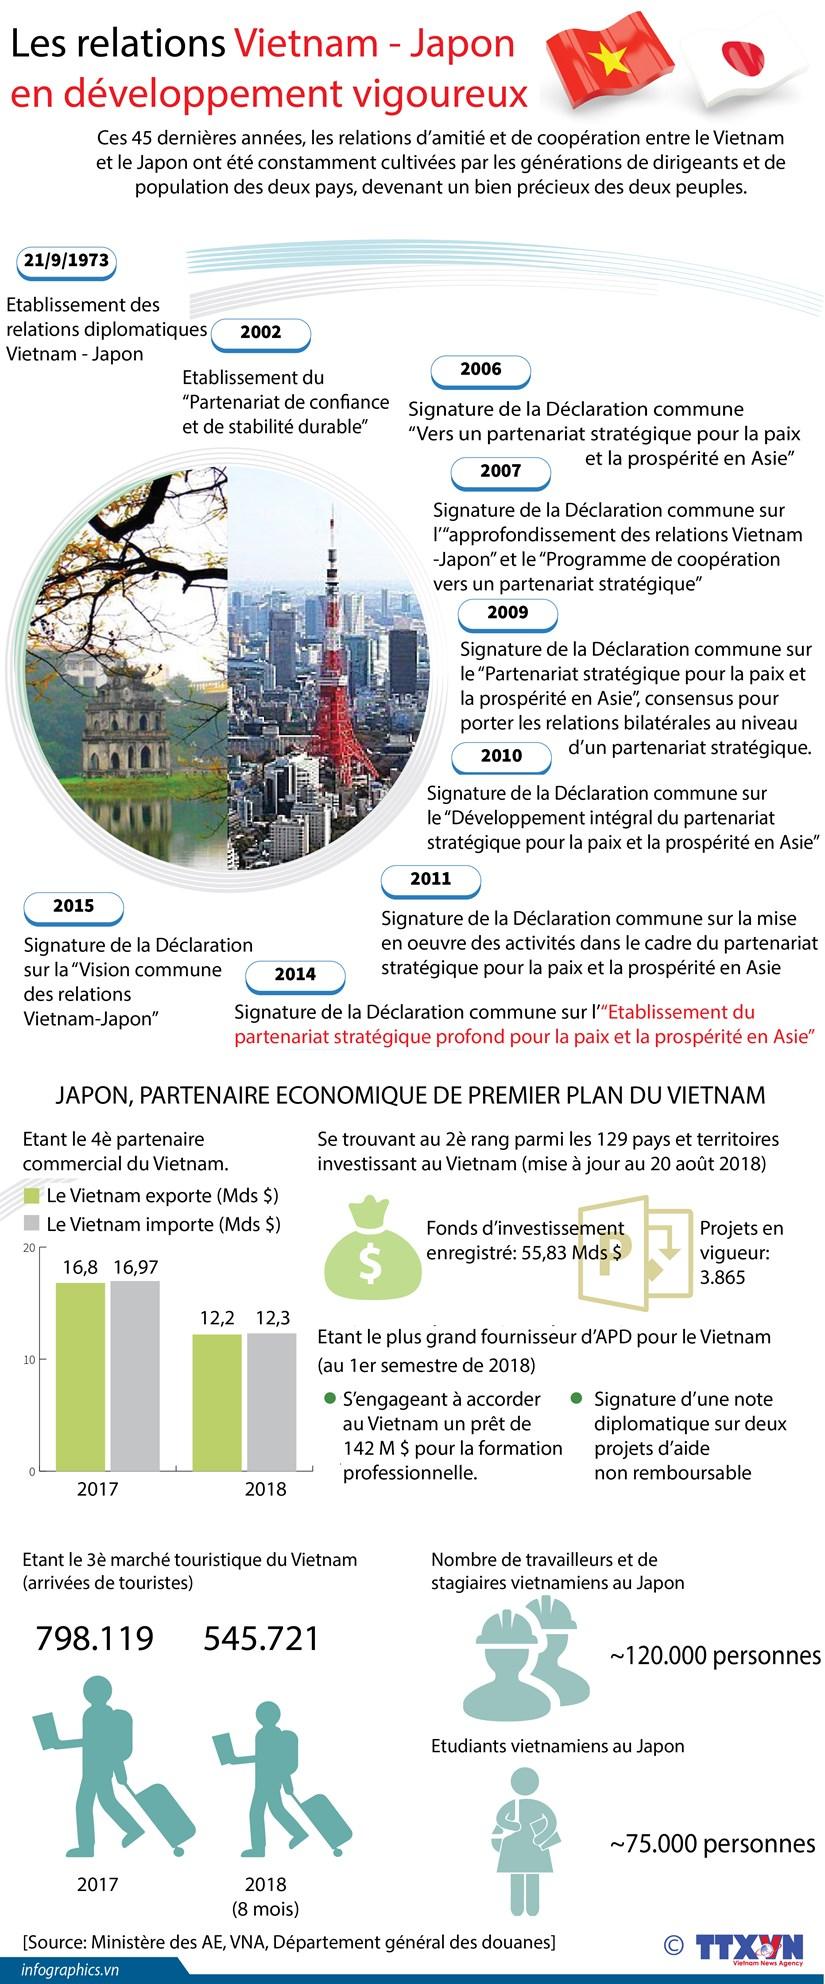 [Infographie] Les relations Vietnam - Japon en developpement vigoureux hinh anh 1